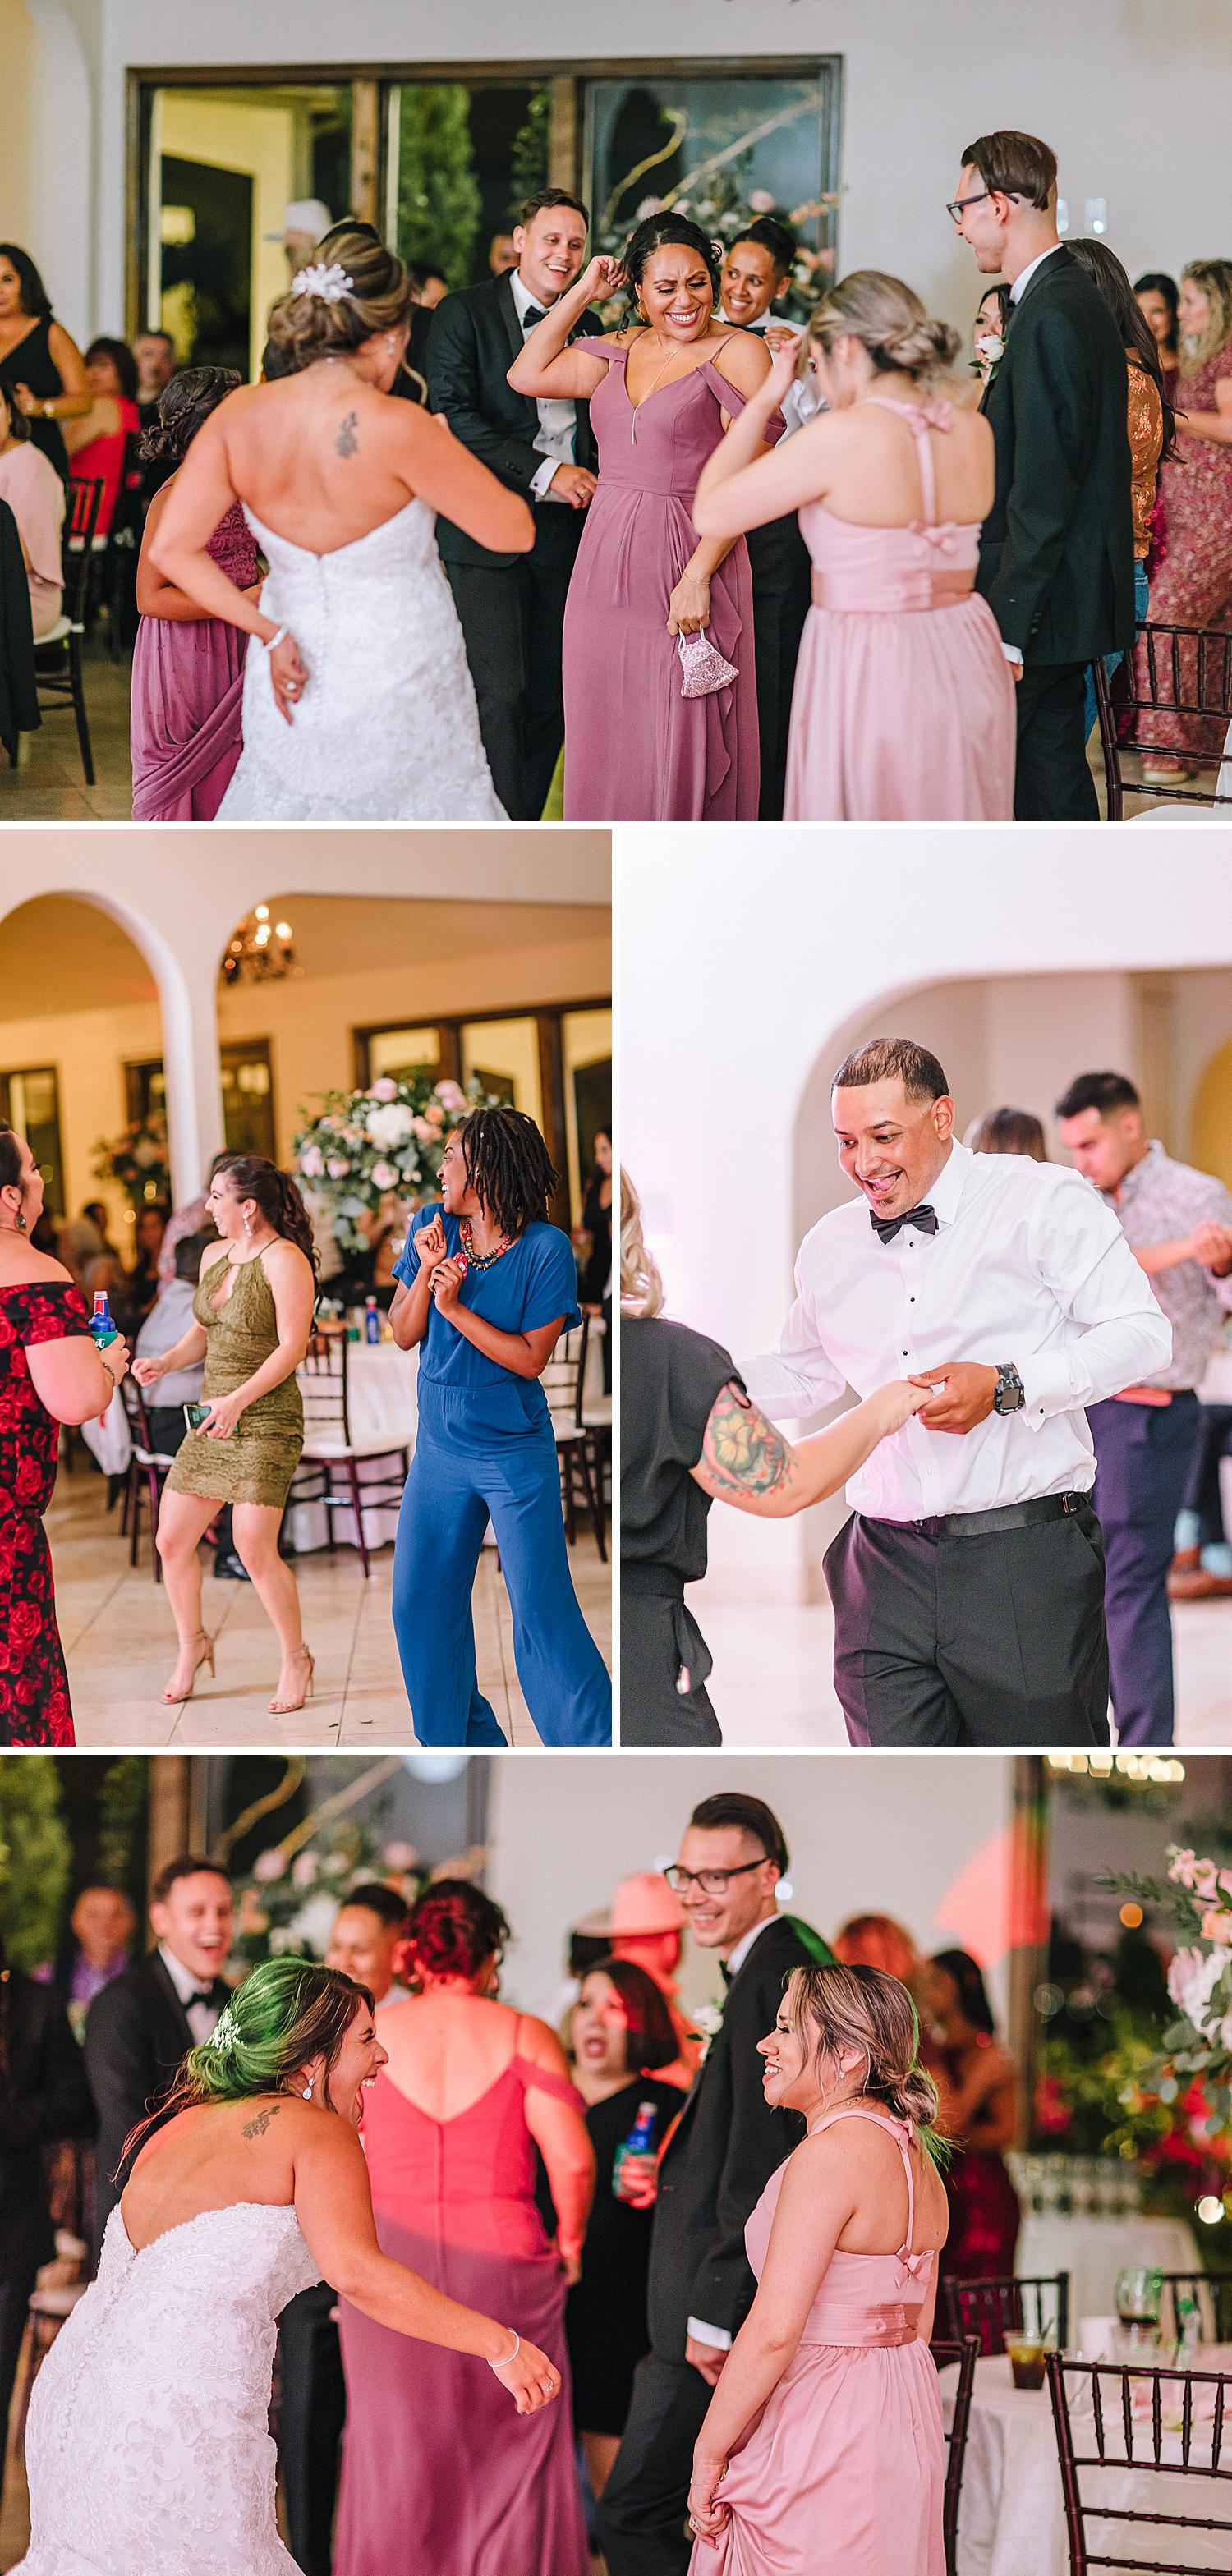 Carly-Barton-Photography-The-Villa-at-Cielo-Vista-Blush-Gold-White-Wedding-Photos_0018.jpg